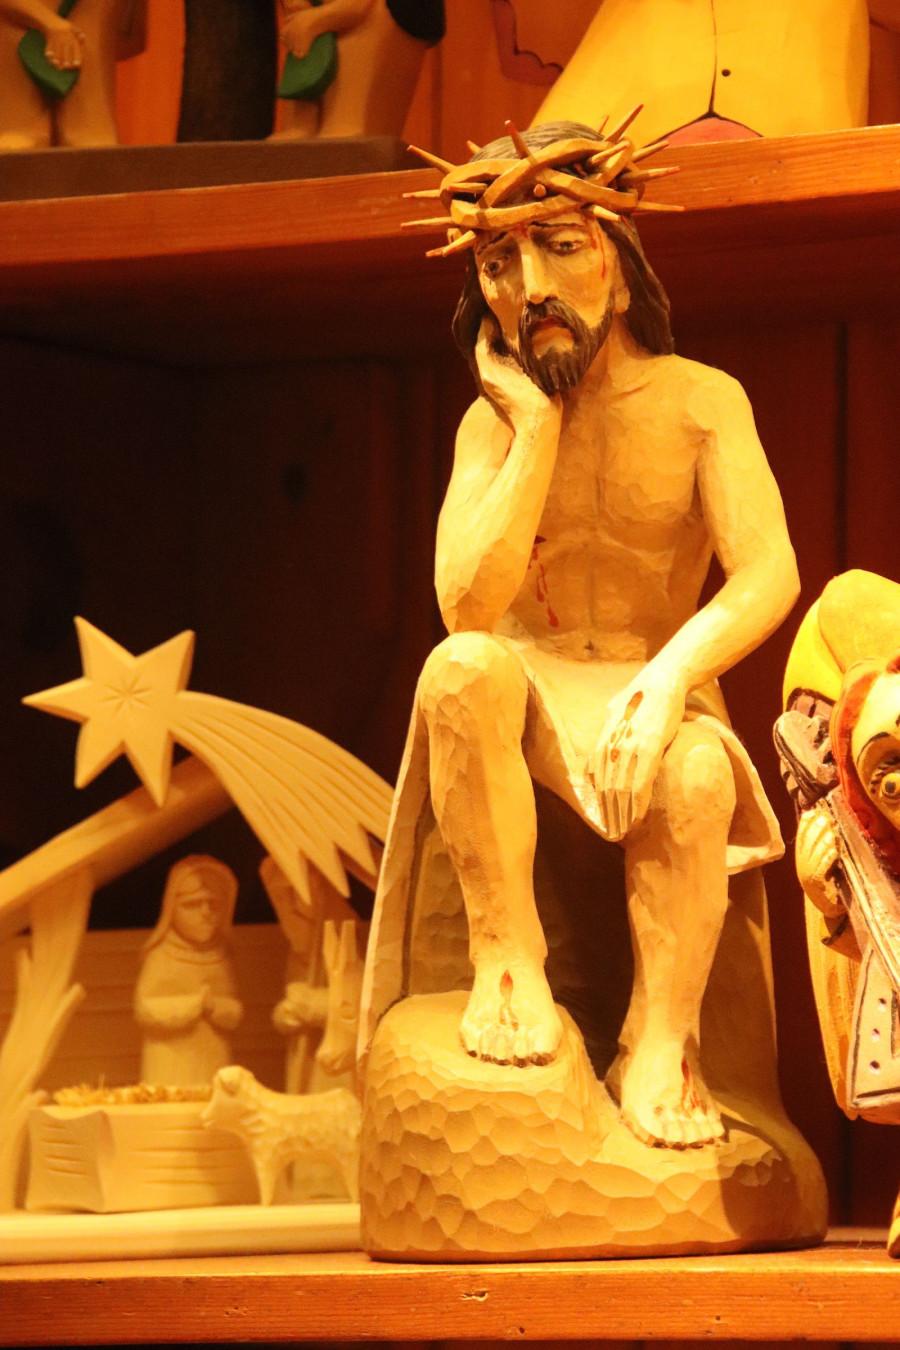 Ten mě opravdu zaujal. I Kristus se někdy hluboce zamyslí.